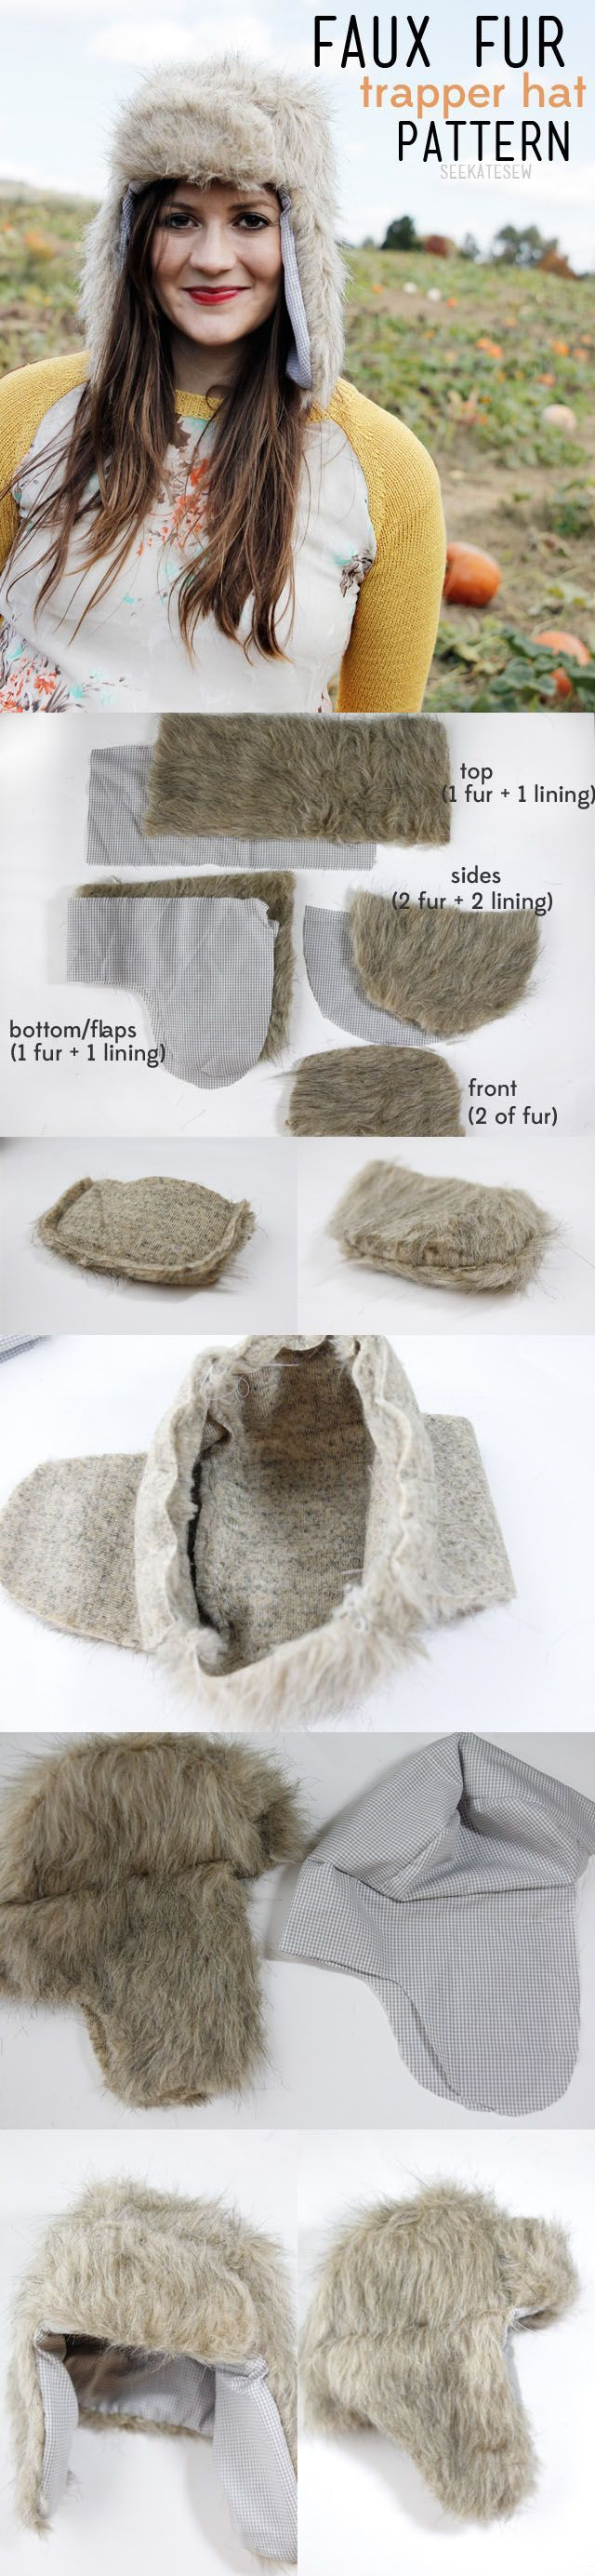 Пошив шапок из меха своими руками 55